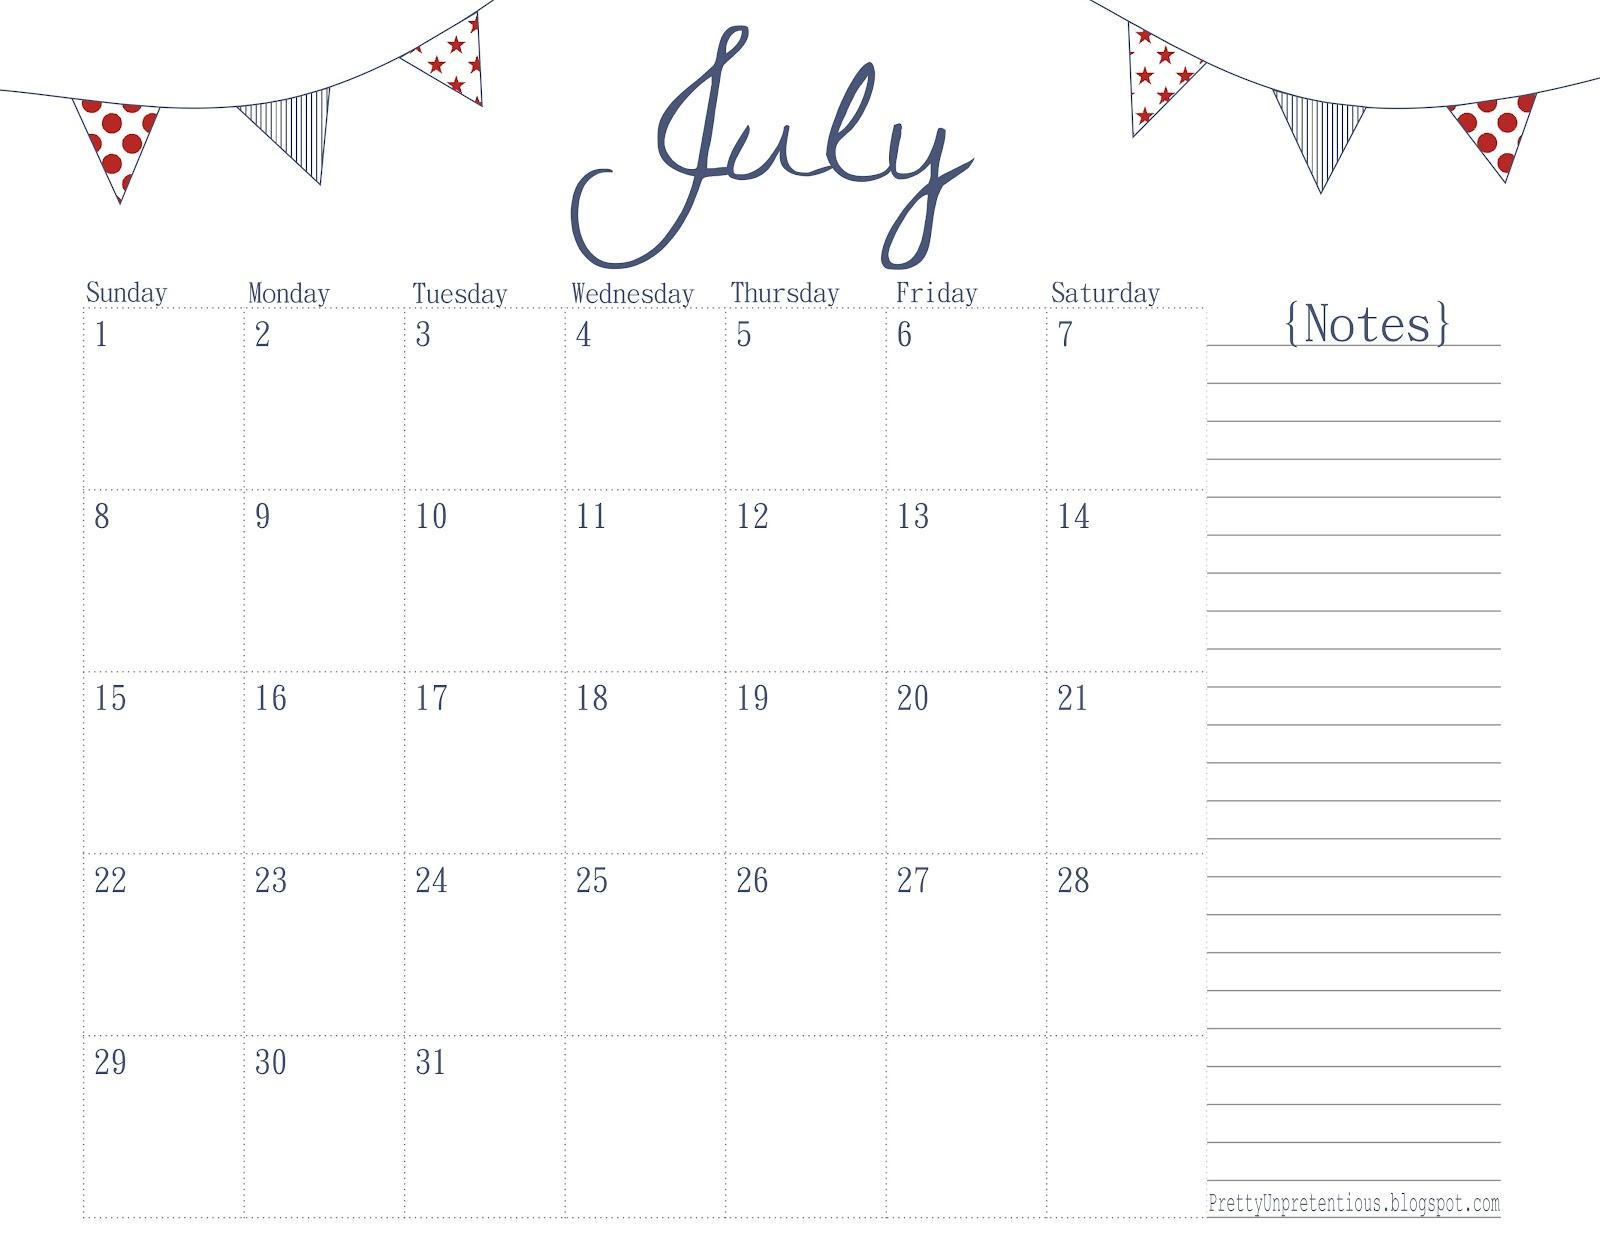 Paper + Ink: Free Printable Calendar - July 2012